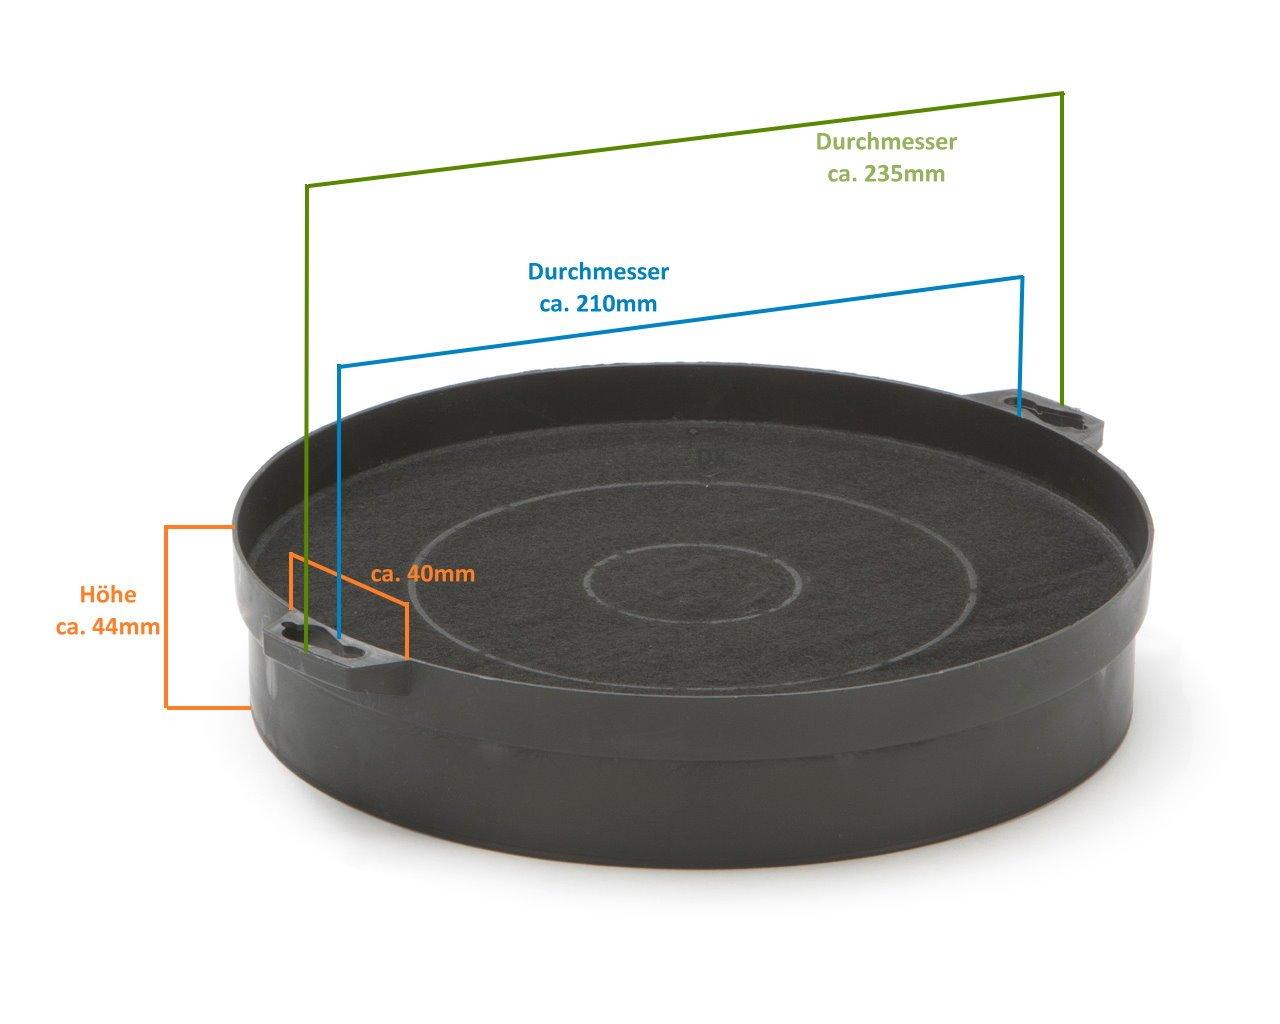 Drehflex ak kohlefilter aktivkohlefilter passend für